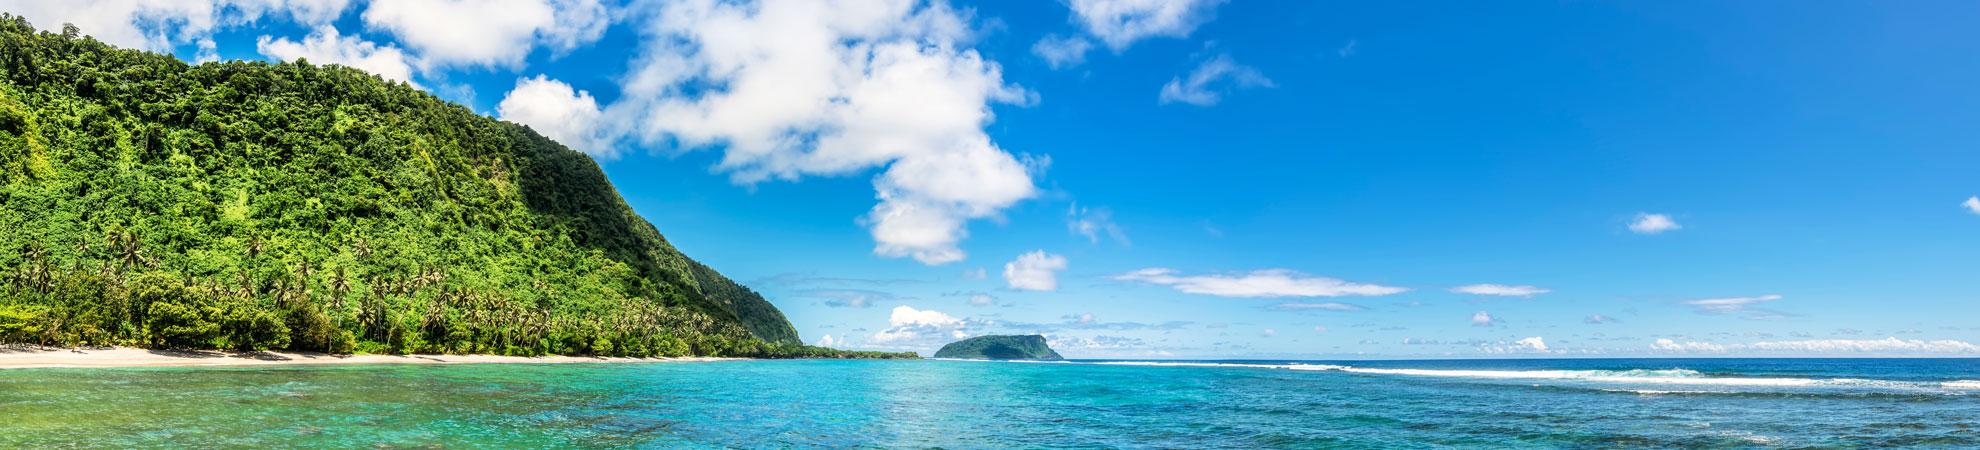 Tradition et artisanat en Polynésie